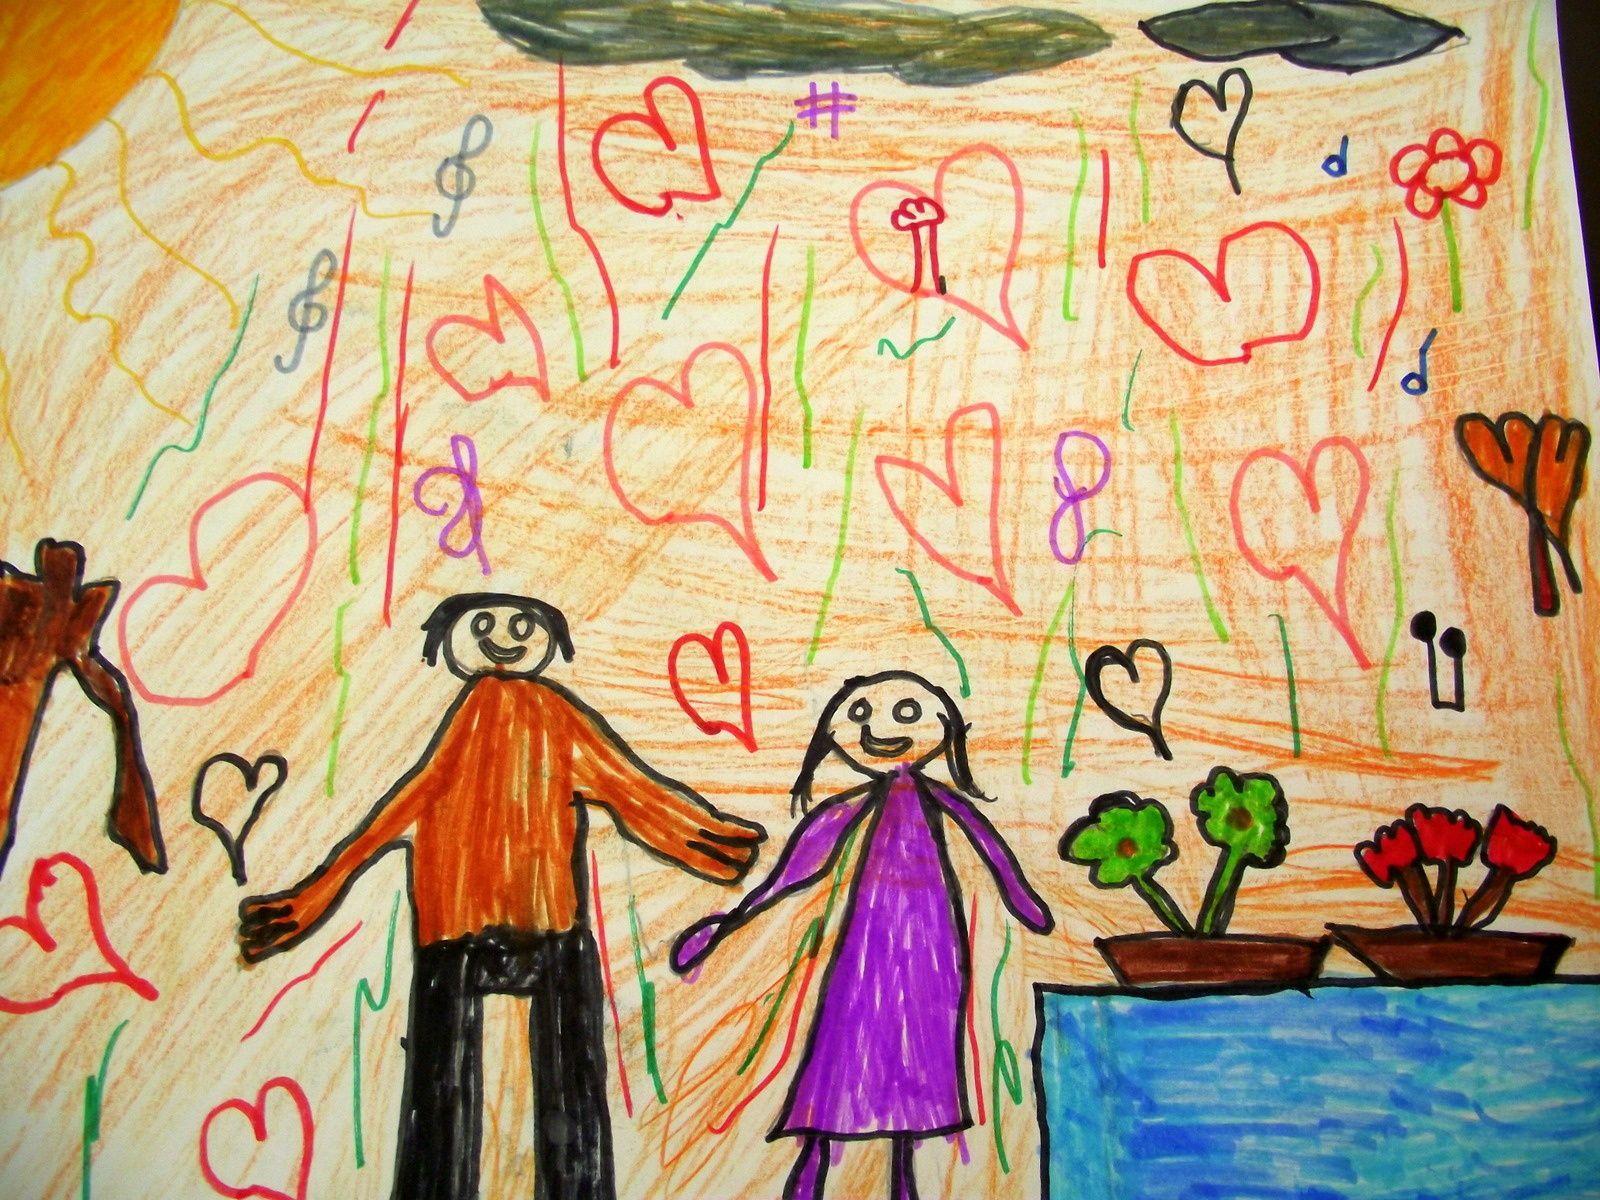 """A l'occasion de la Fête des Mères et des Pères, l'A.C.A.T. organise un concours de dessins d'enfants en partenariat avec les écoles Marcel Pagnol et Marie Curie ainsi que l'association """"Fadadecuba"""" qui exposera les dessins place de la gare."""